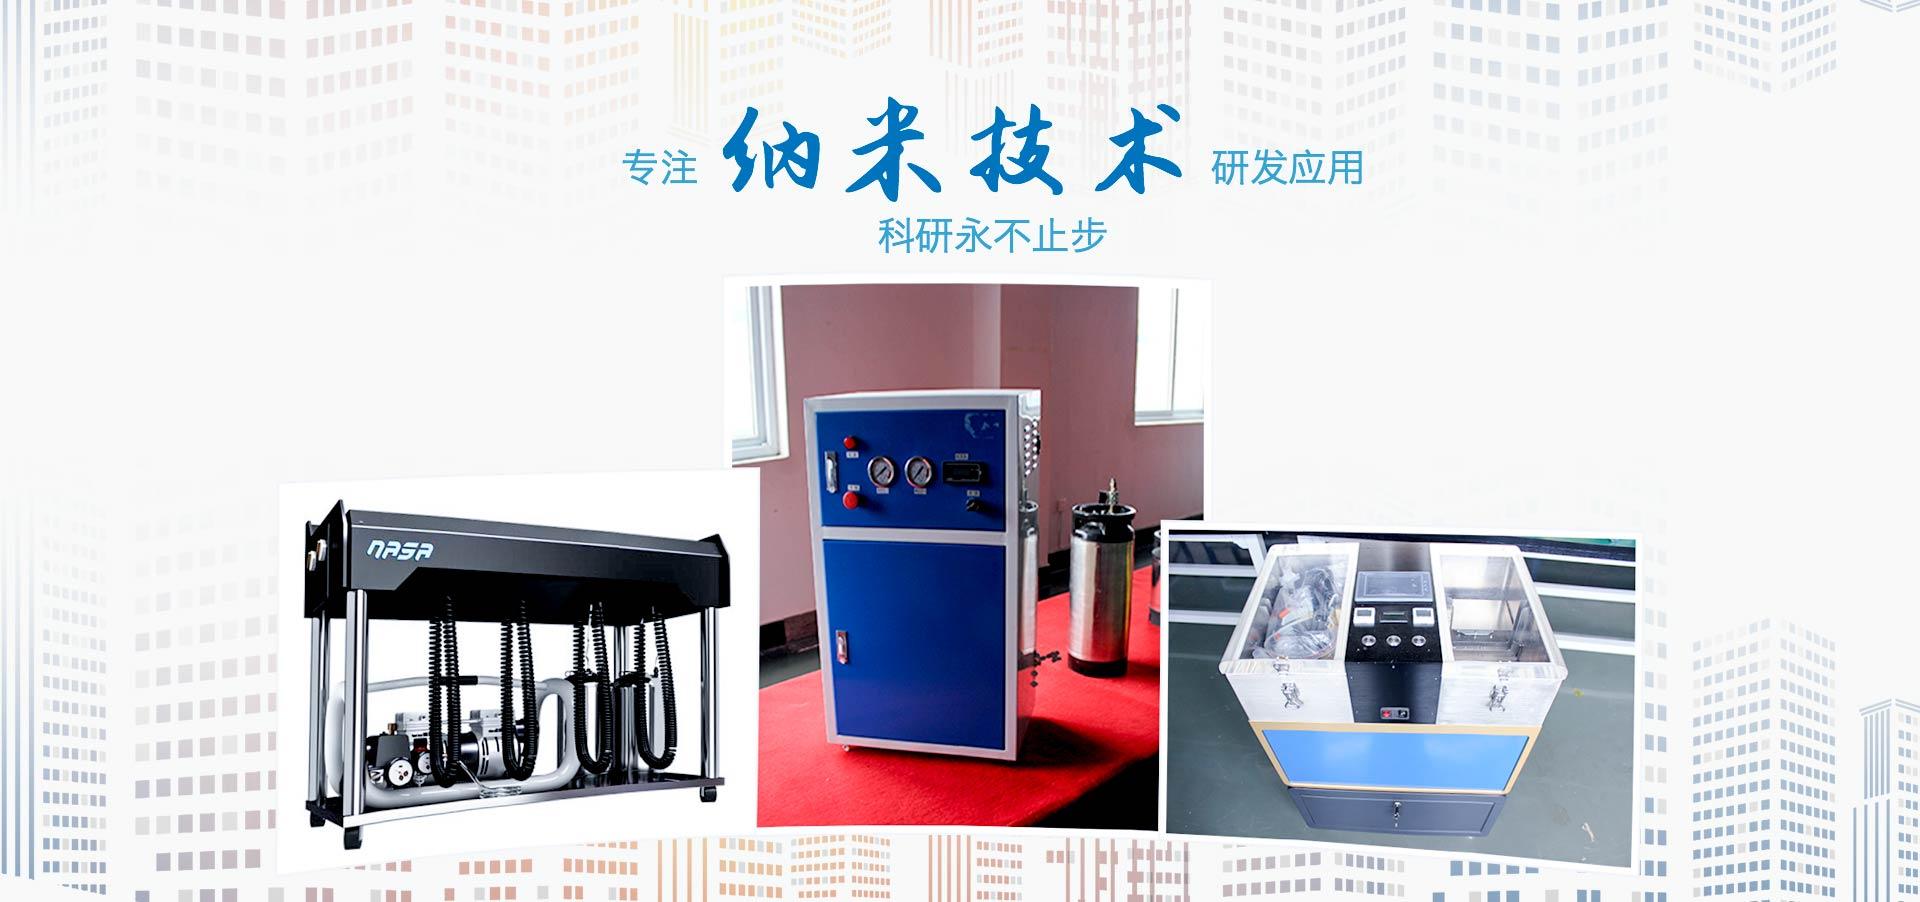 納米噴鍍,納米噴鍍設備,噴鍍,納米噴鍍機,水轉印,手機抗菌,空氣凈化器